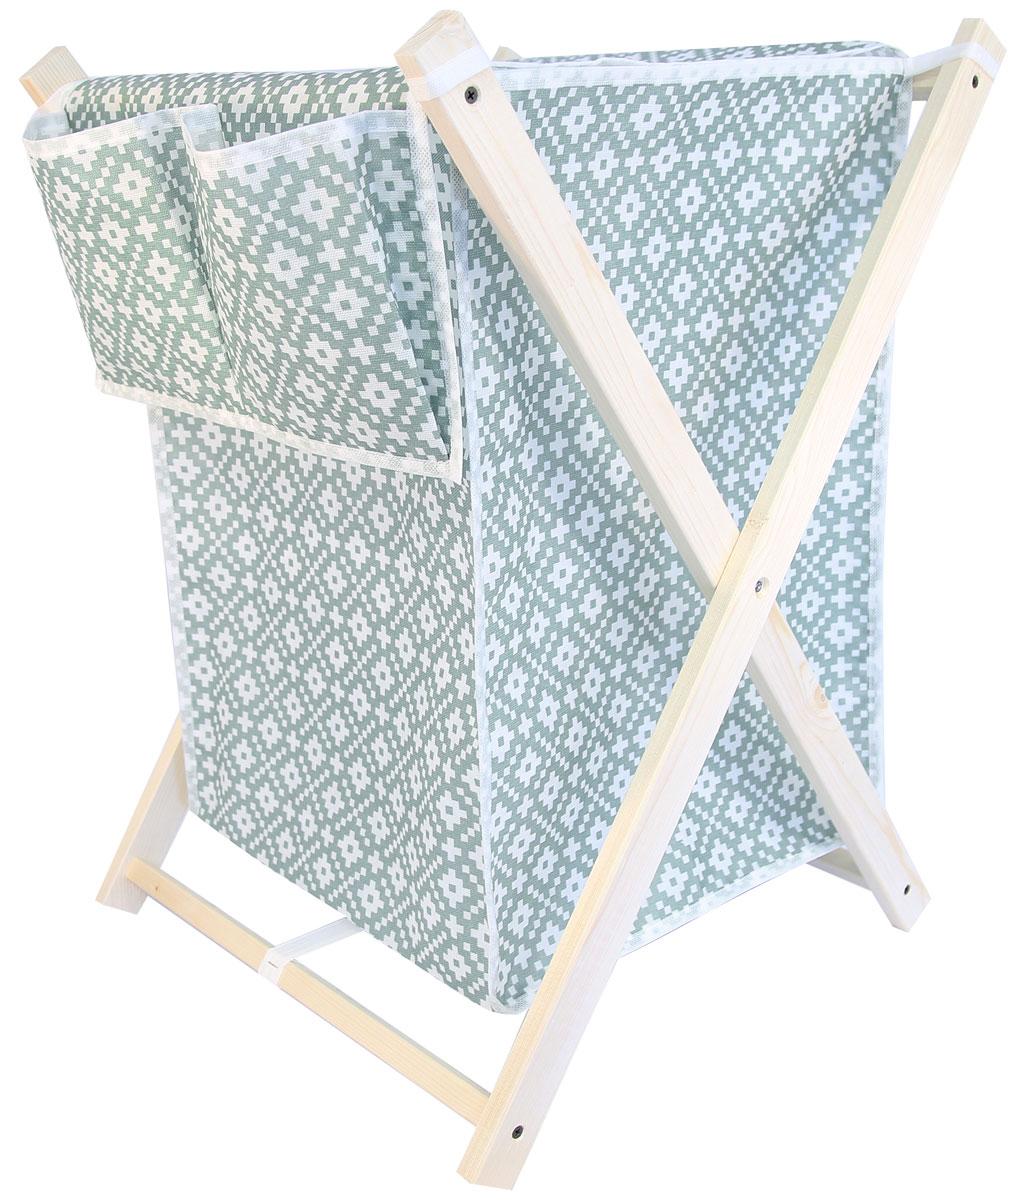 Корзина для белья Ева Этника, складная, 43 х 50 х 63 смЕ493Складная корзина для белья с карманами – удобная, многофункциональная и незаменимая вещь в ванной комнате. В отличие от пластиковой корзины не выделяет вредных веществ при нагревании. Корзина выполнена из натуральных, экологичных материалов. Хорошая проницаемость ткани для воздуха не позволит повышенной влажности испортить белье, пока оно ожидает в этой корзине своей очереди на стирку. Она совмещает в себе функции вместительного резервуара для белья и дизайнерского аксессуара. Легкость и прочность конструкции гарантируют долговечность изделия и простоту в использовании. В сложенном положении корзина не займет много места, благодаря удобной конструкции вы сможете легко перевозить и хранить корзину.Размер каркаса: 64,5 х 48 х 48 см.Размер корзины - 43 х 50 х 63 см.